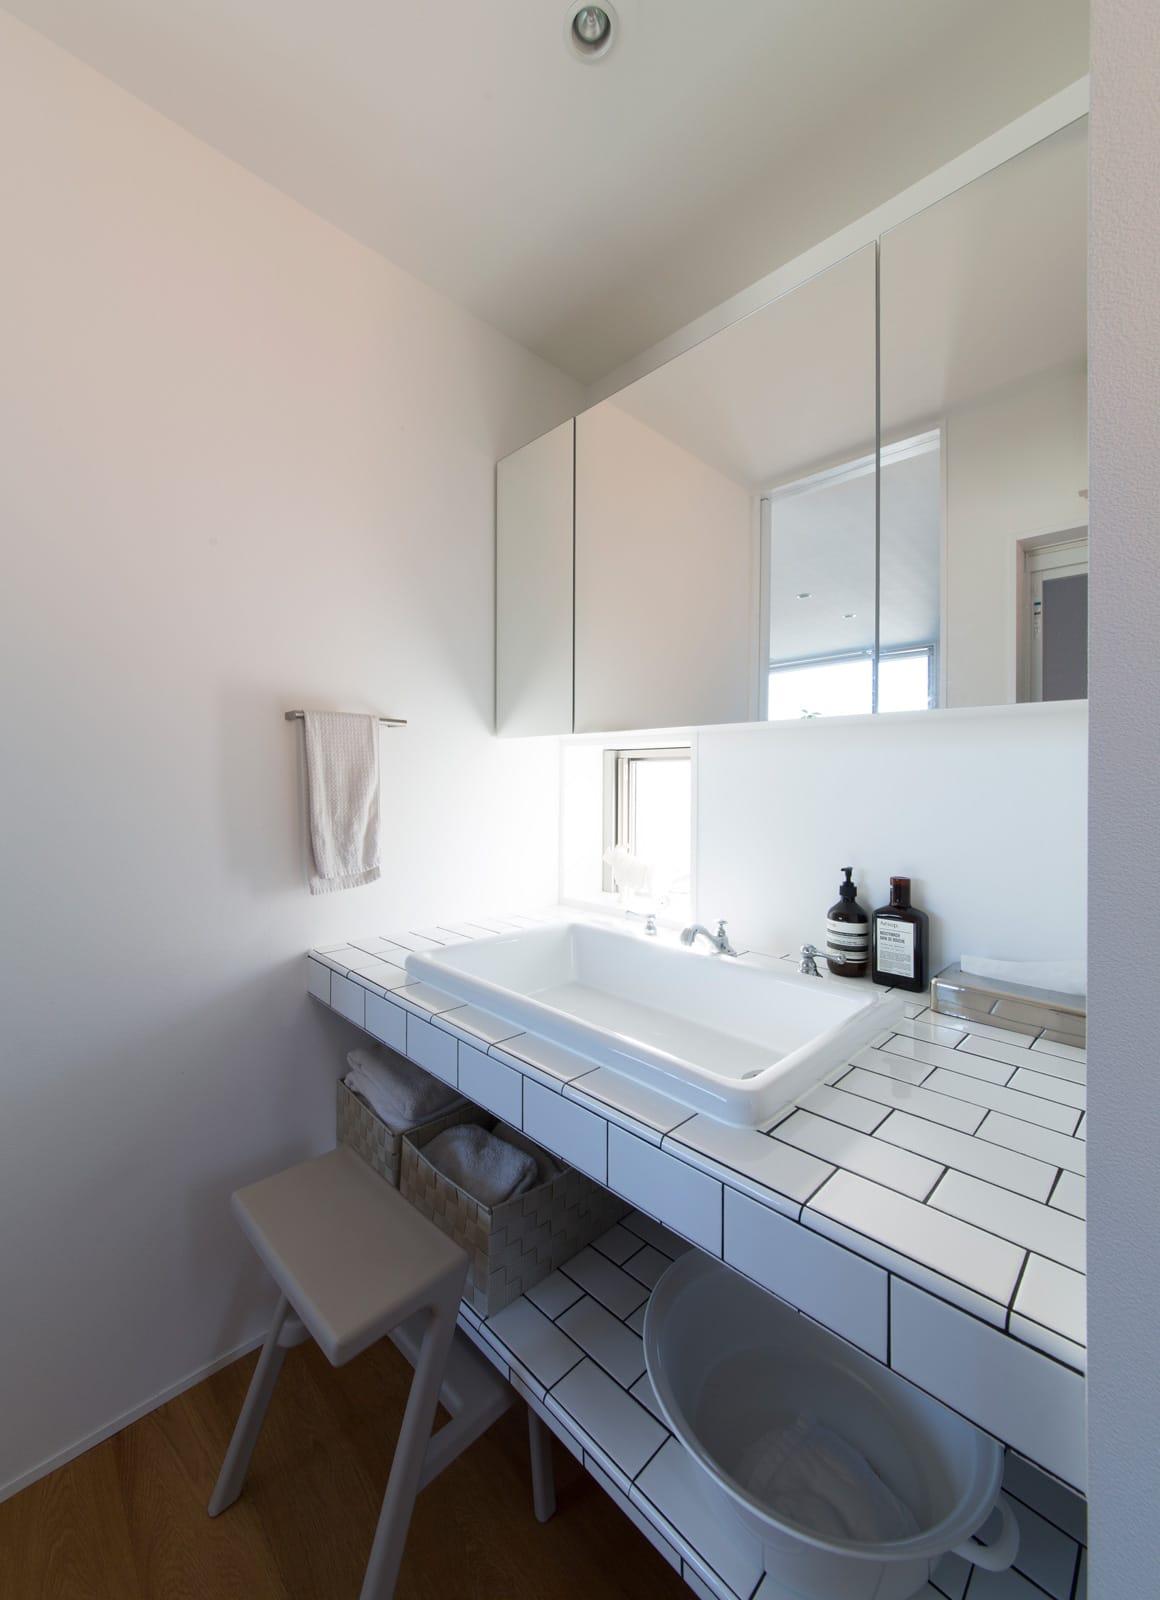 塩屋 No.1 ハウスの浴室・洗面室1